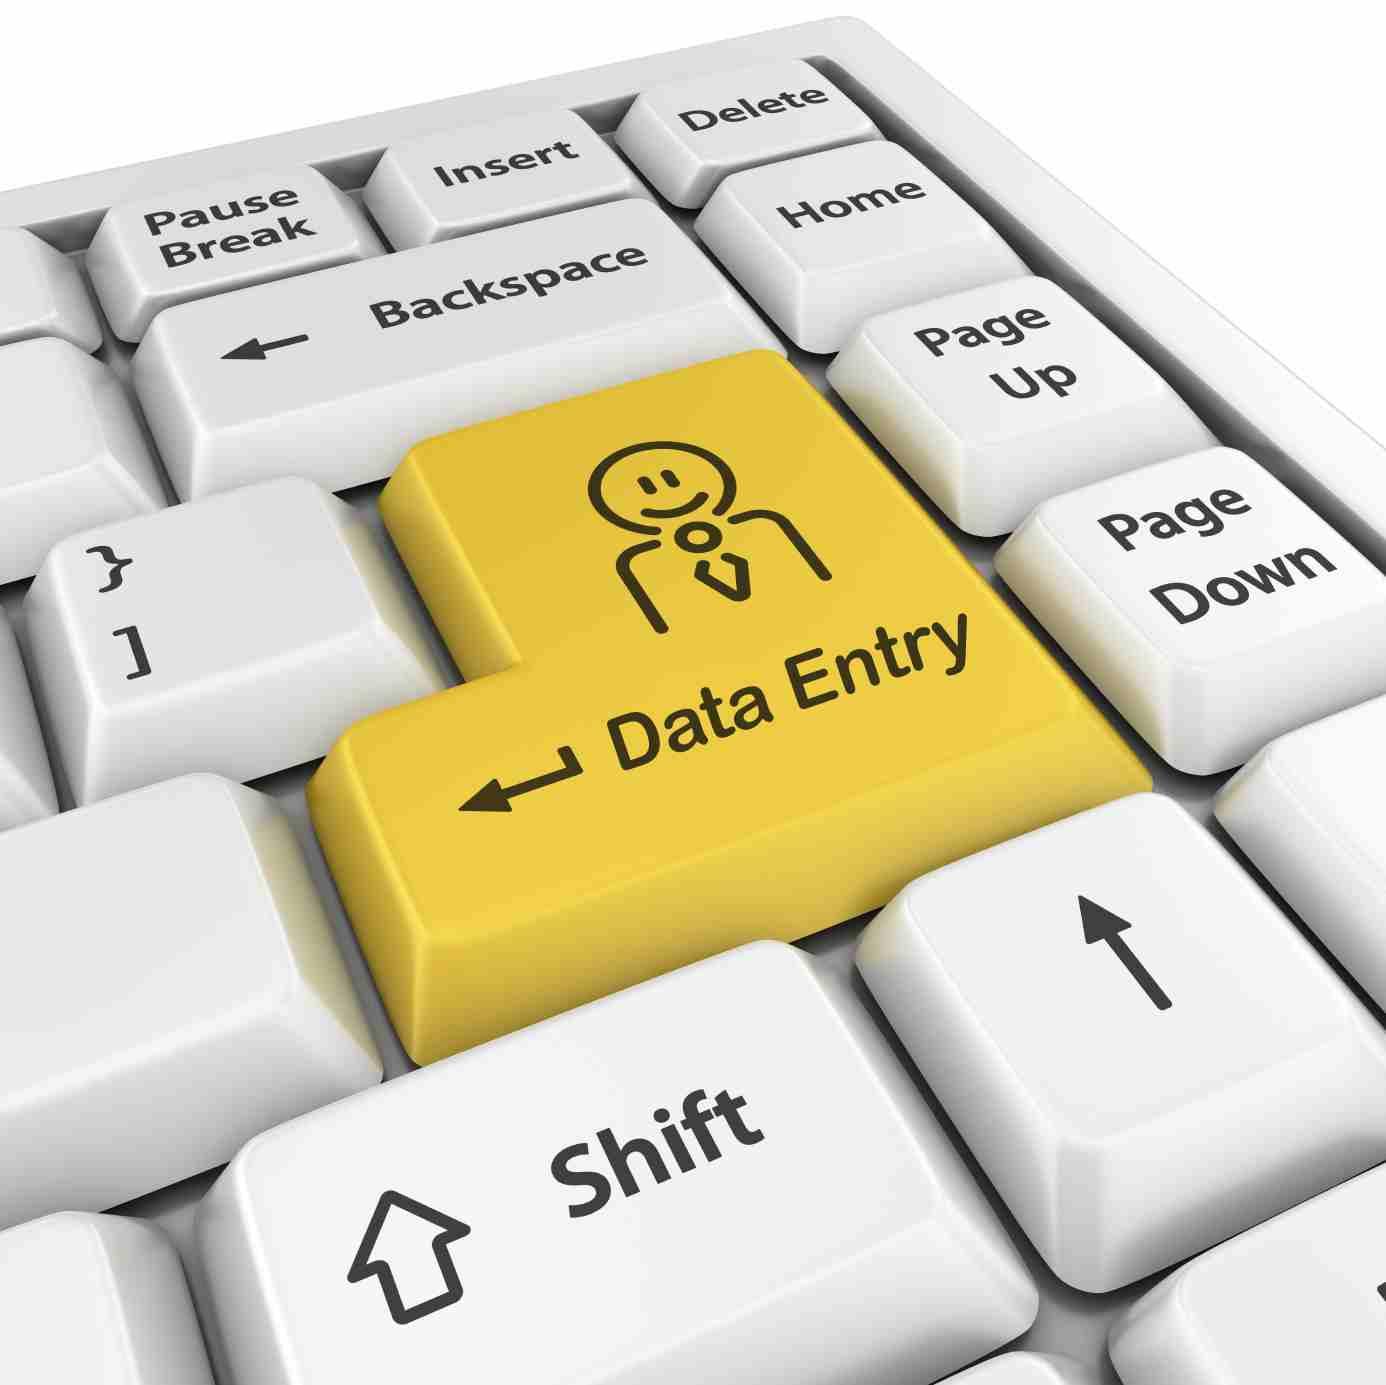 موظف ادخال بيانات لشركة توزيع موظف ادخال بيانات لشركة توزيع موظف...